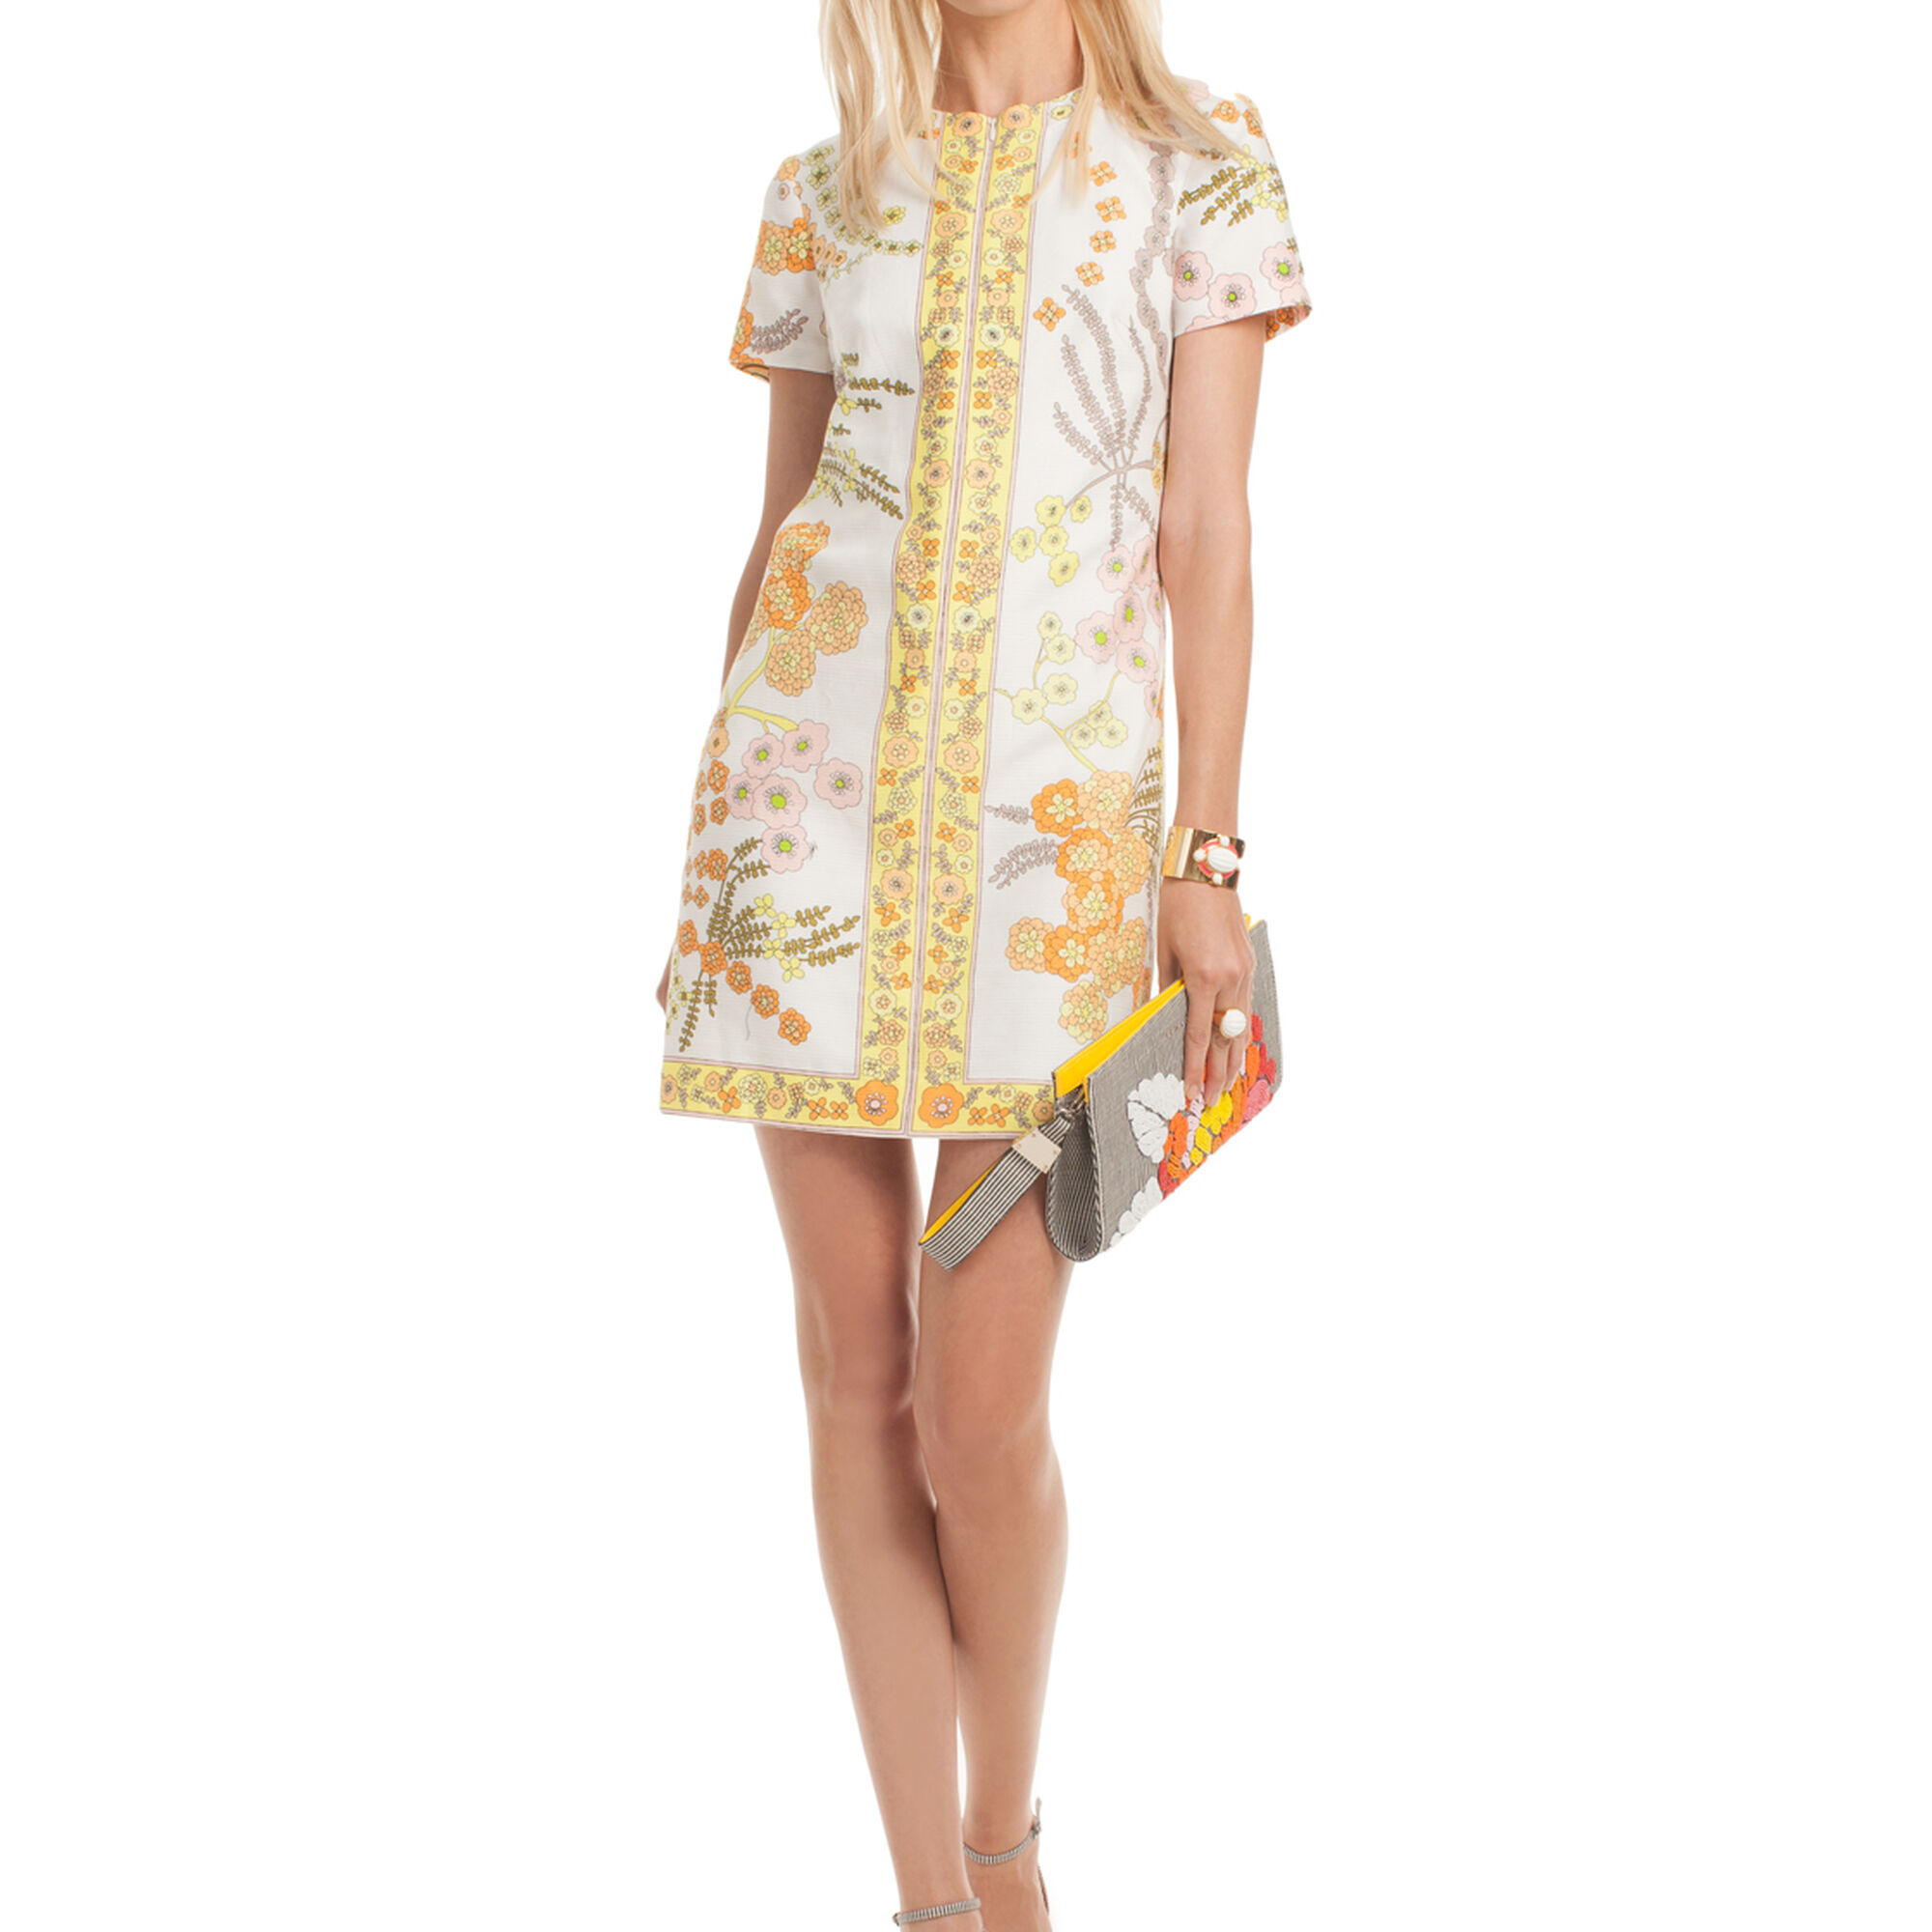 ARBORETUM DRESS - TrinaTurk